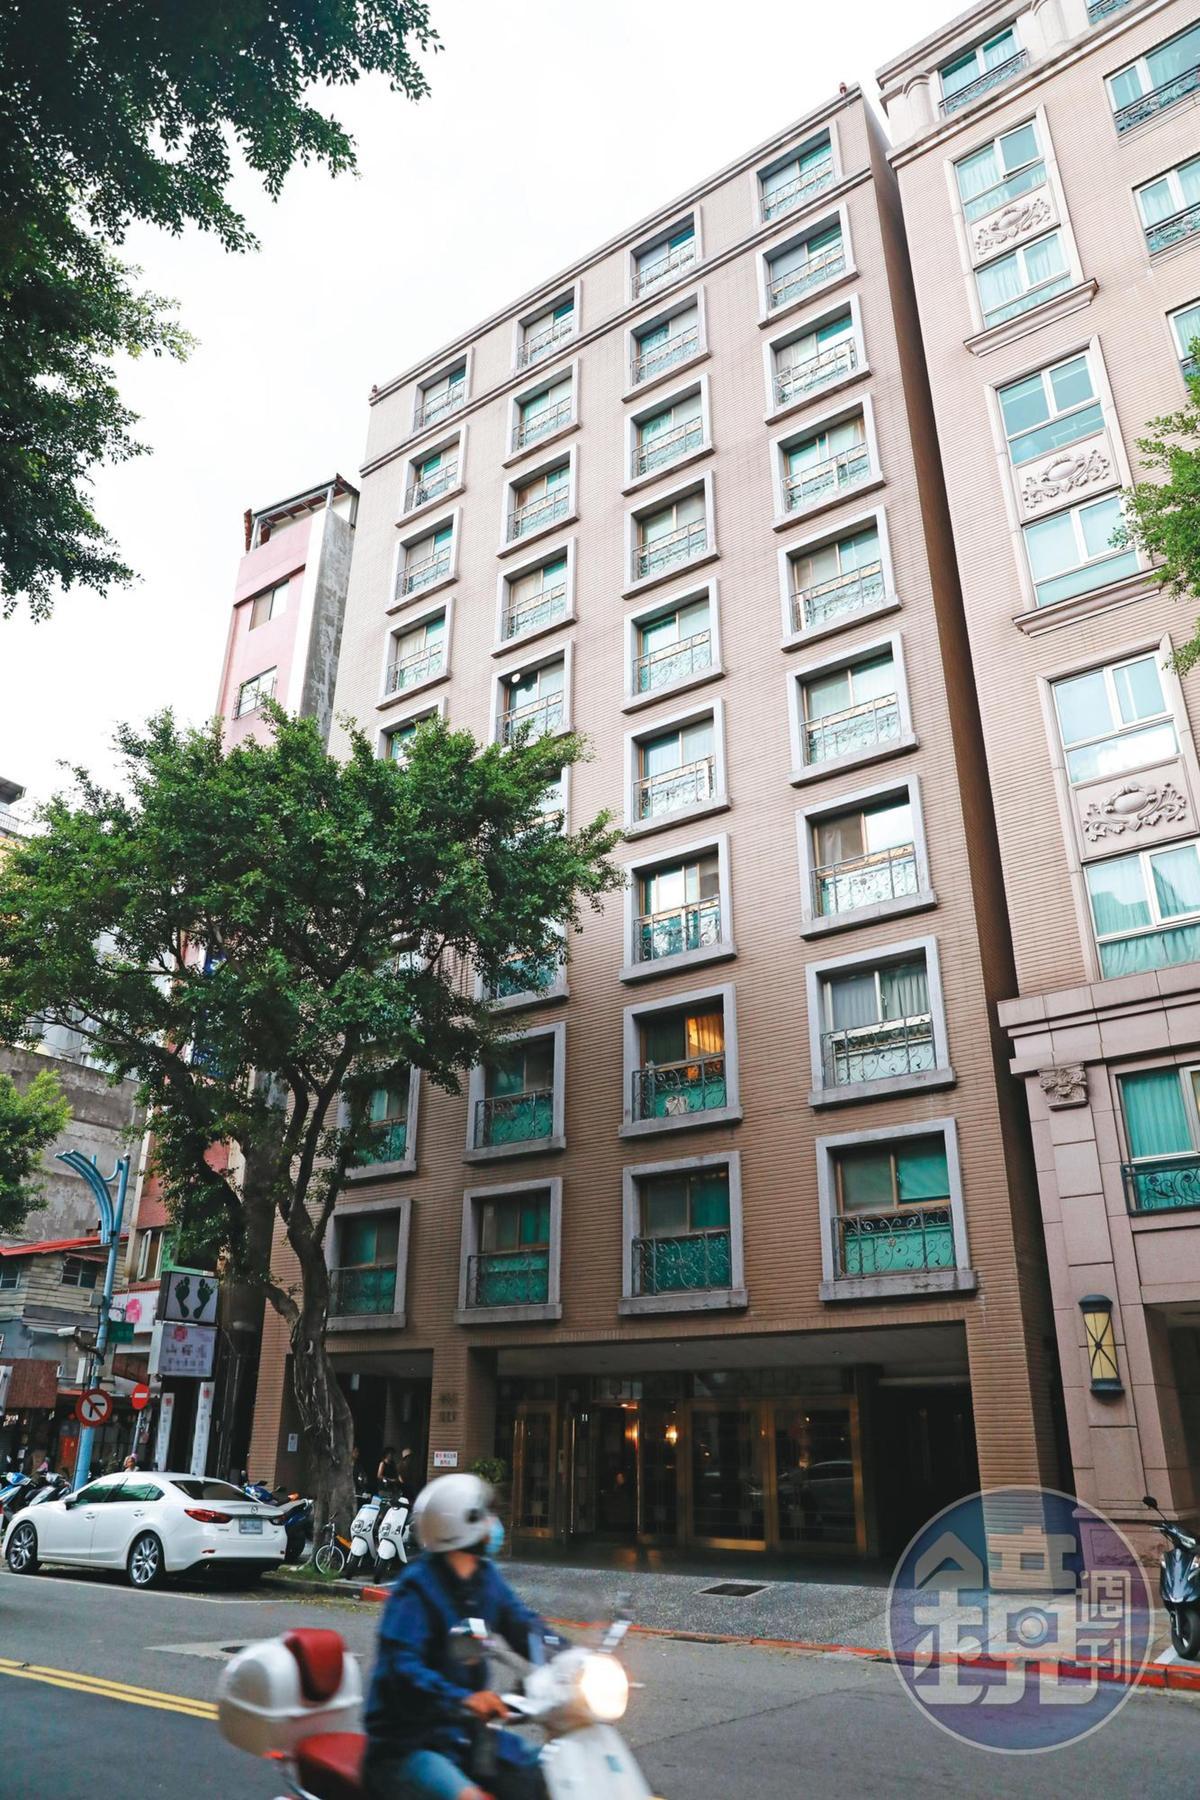 陳碧足4年前在台北市中山區林森北路購買華廈(圖),也在新北市三芝區購地,可說是「隱形富豪」。